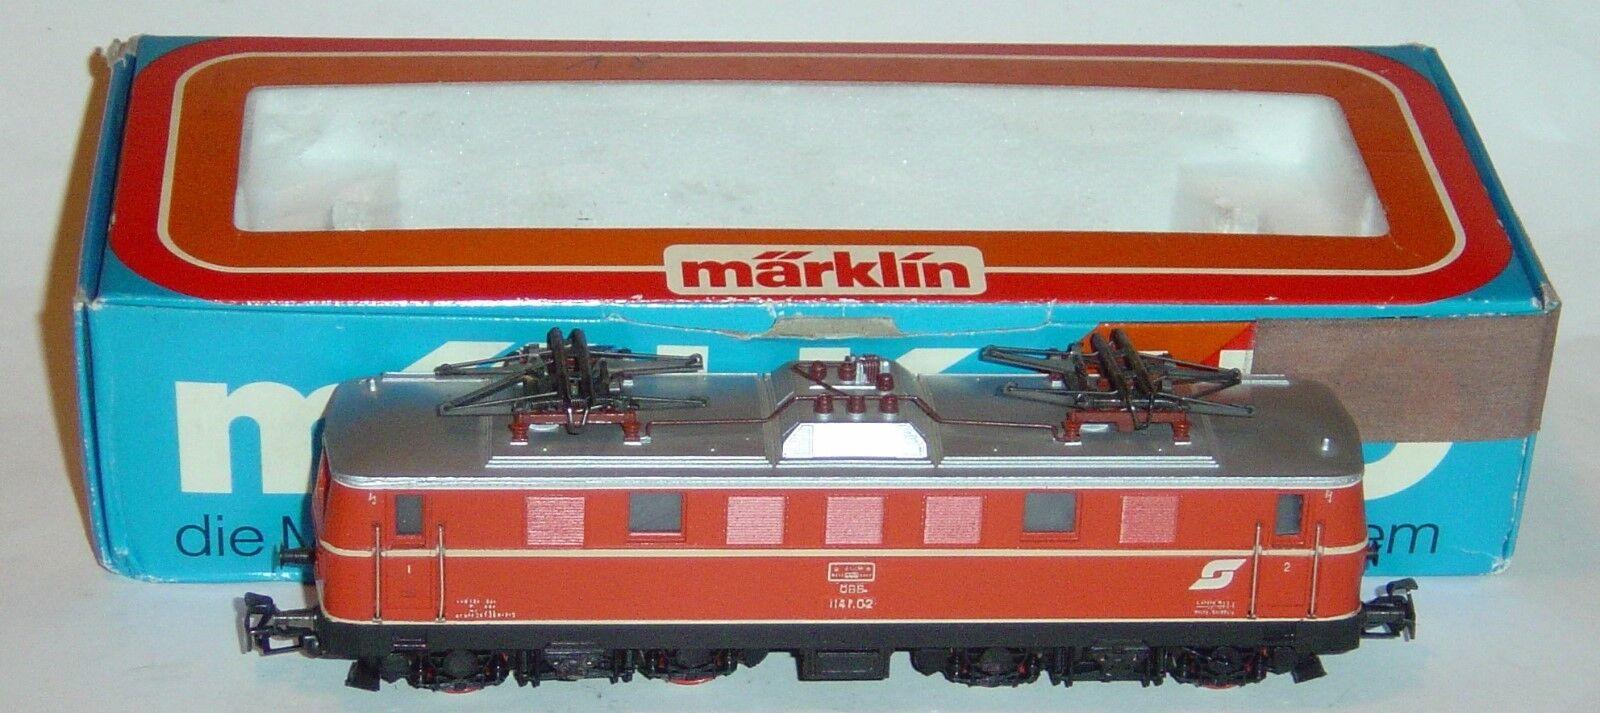 MARKLIN HO, LOCOMOTORA ELÉCTRICA REF. 3154 CON MOTOR NUEVO 5 POLOS, DIGITALIZADA